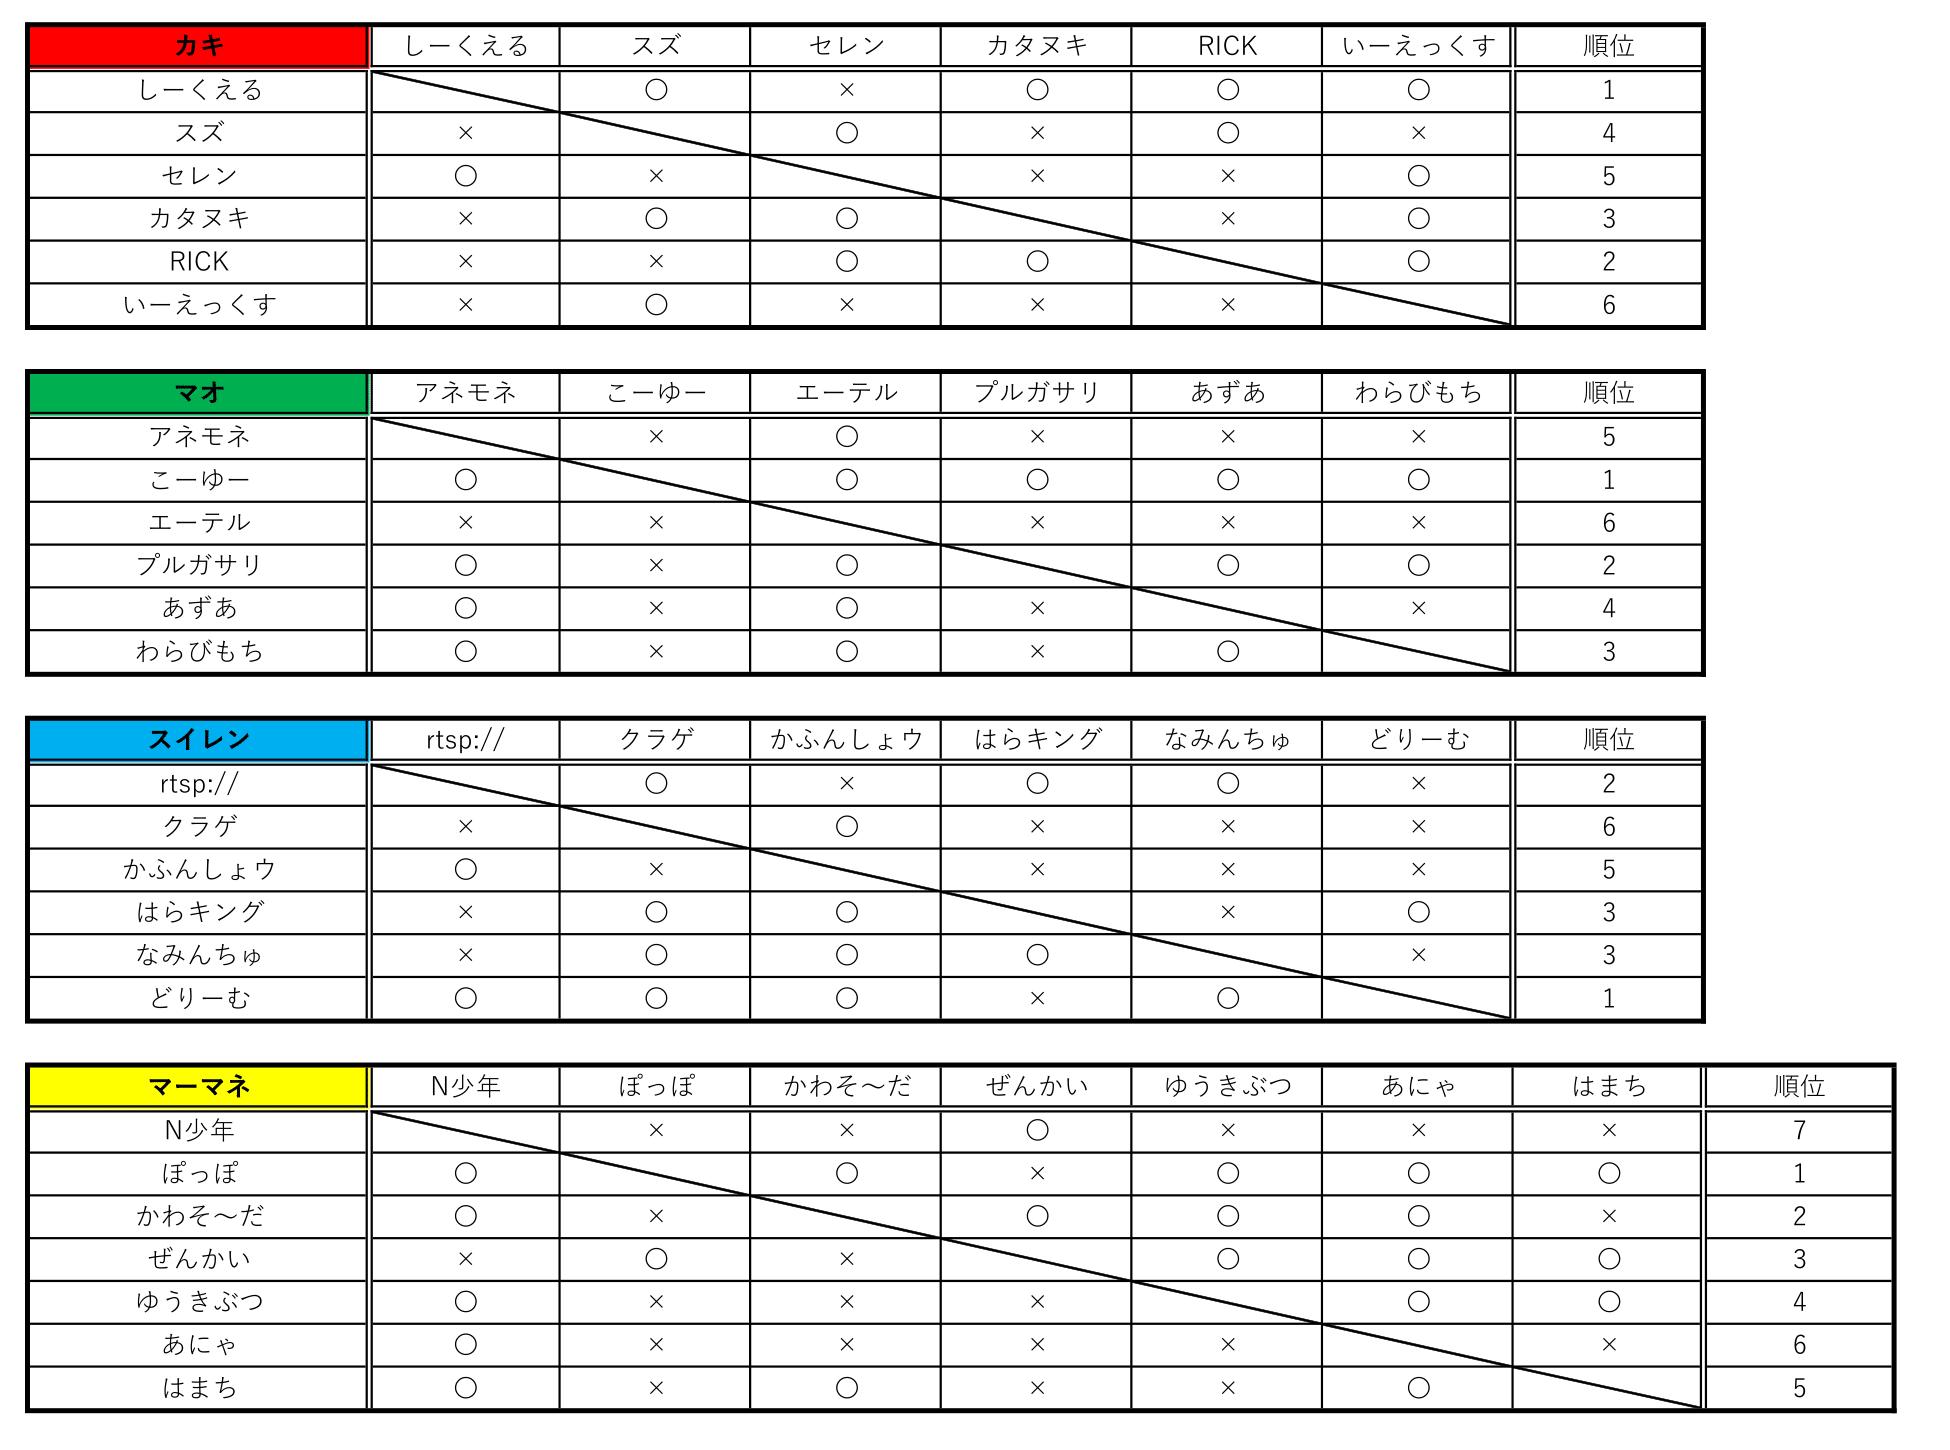 シングル予選結果-1